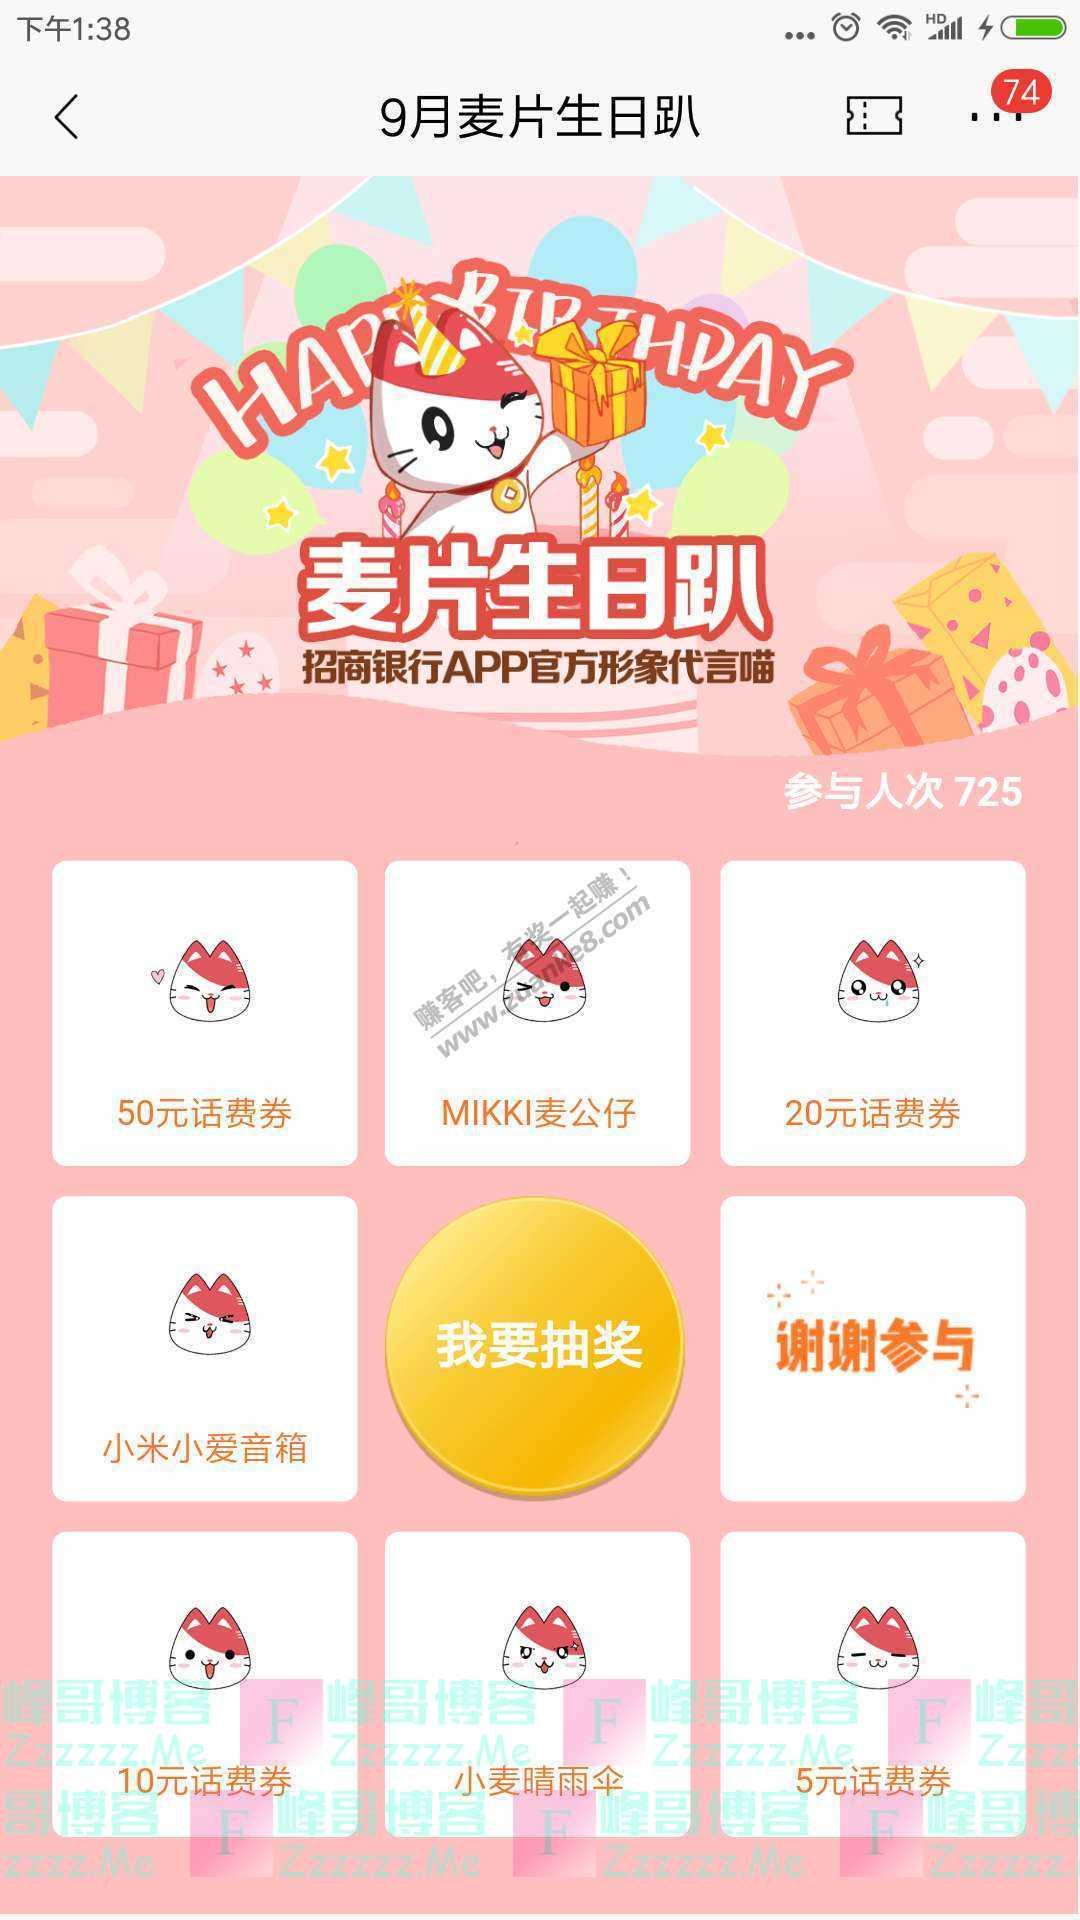 招商银行app麦片生日趴(截止9月30日)